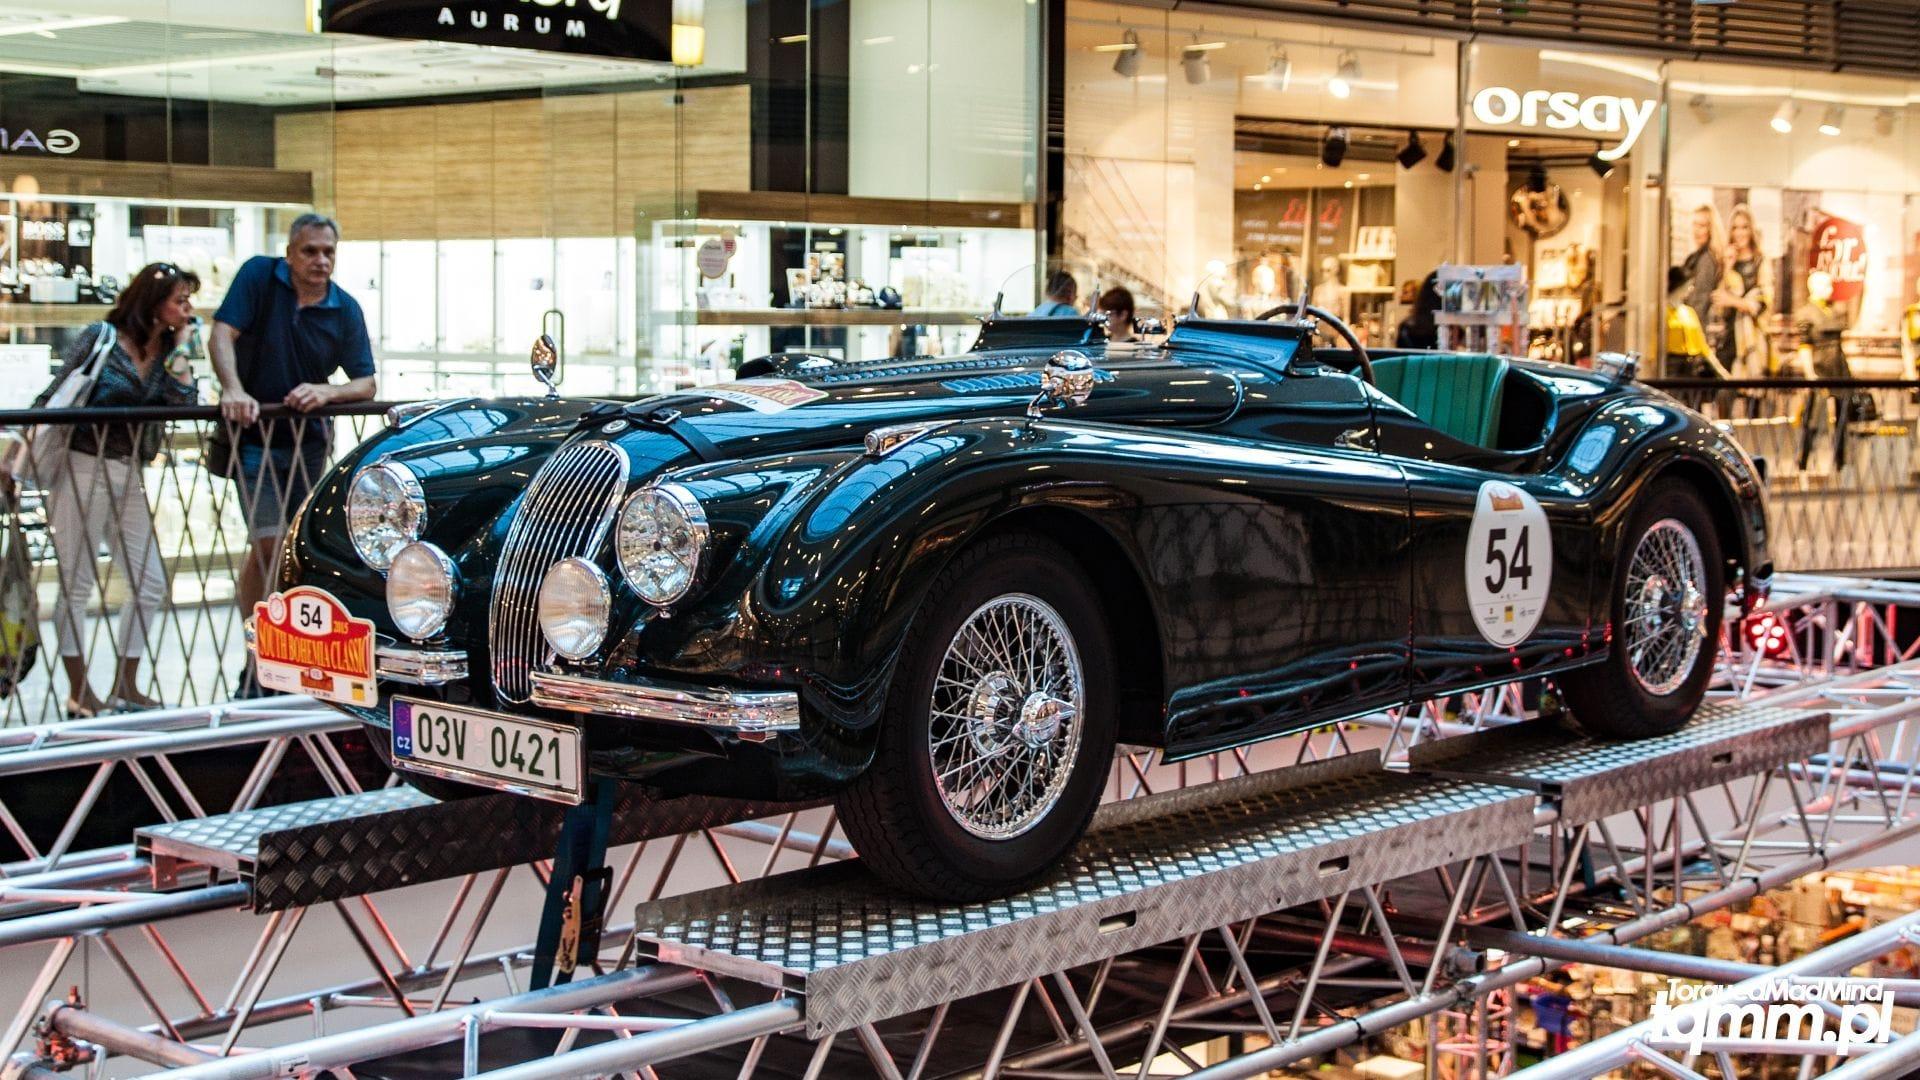 Fotki #81: Jaguar w centrum handlowym.